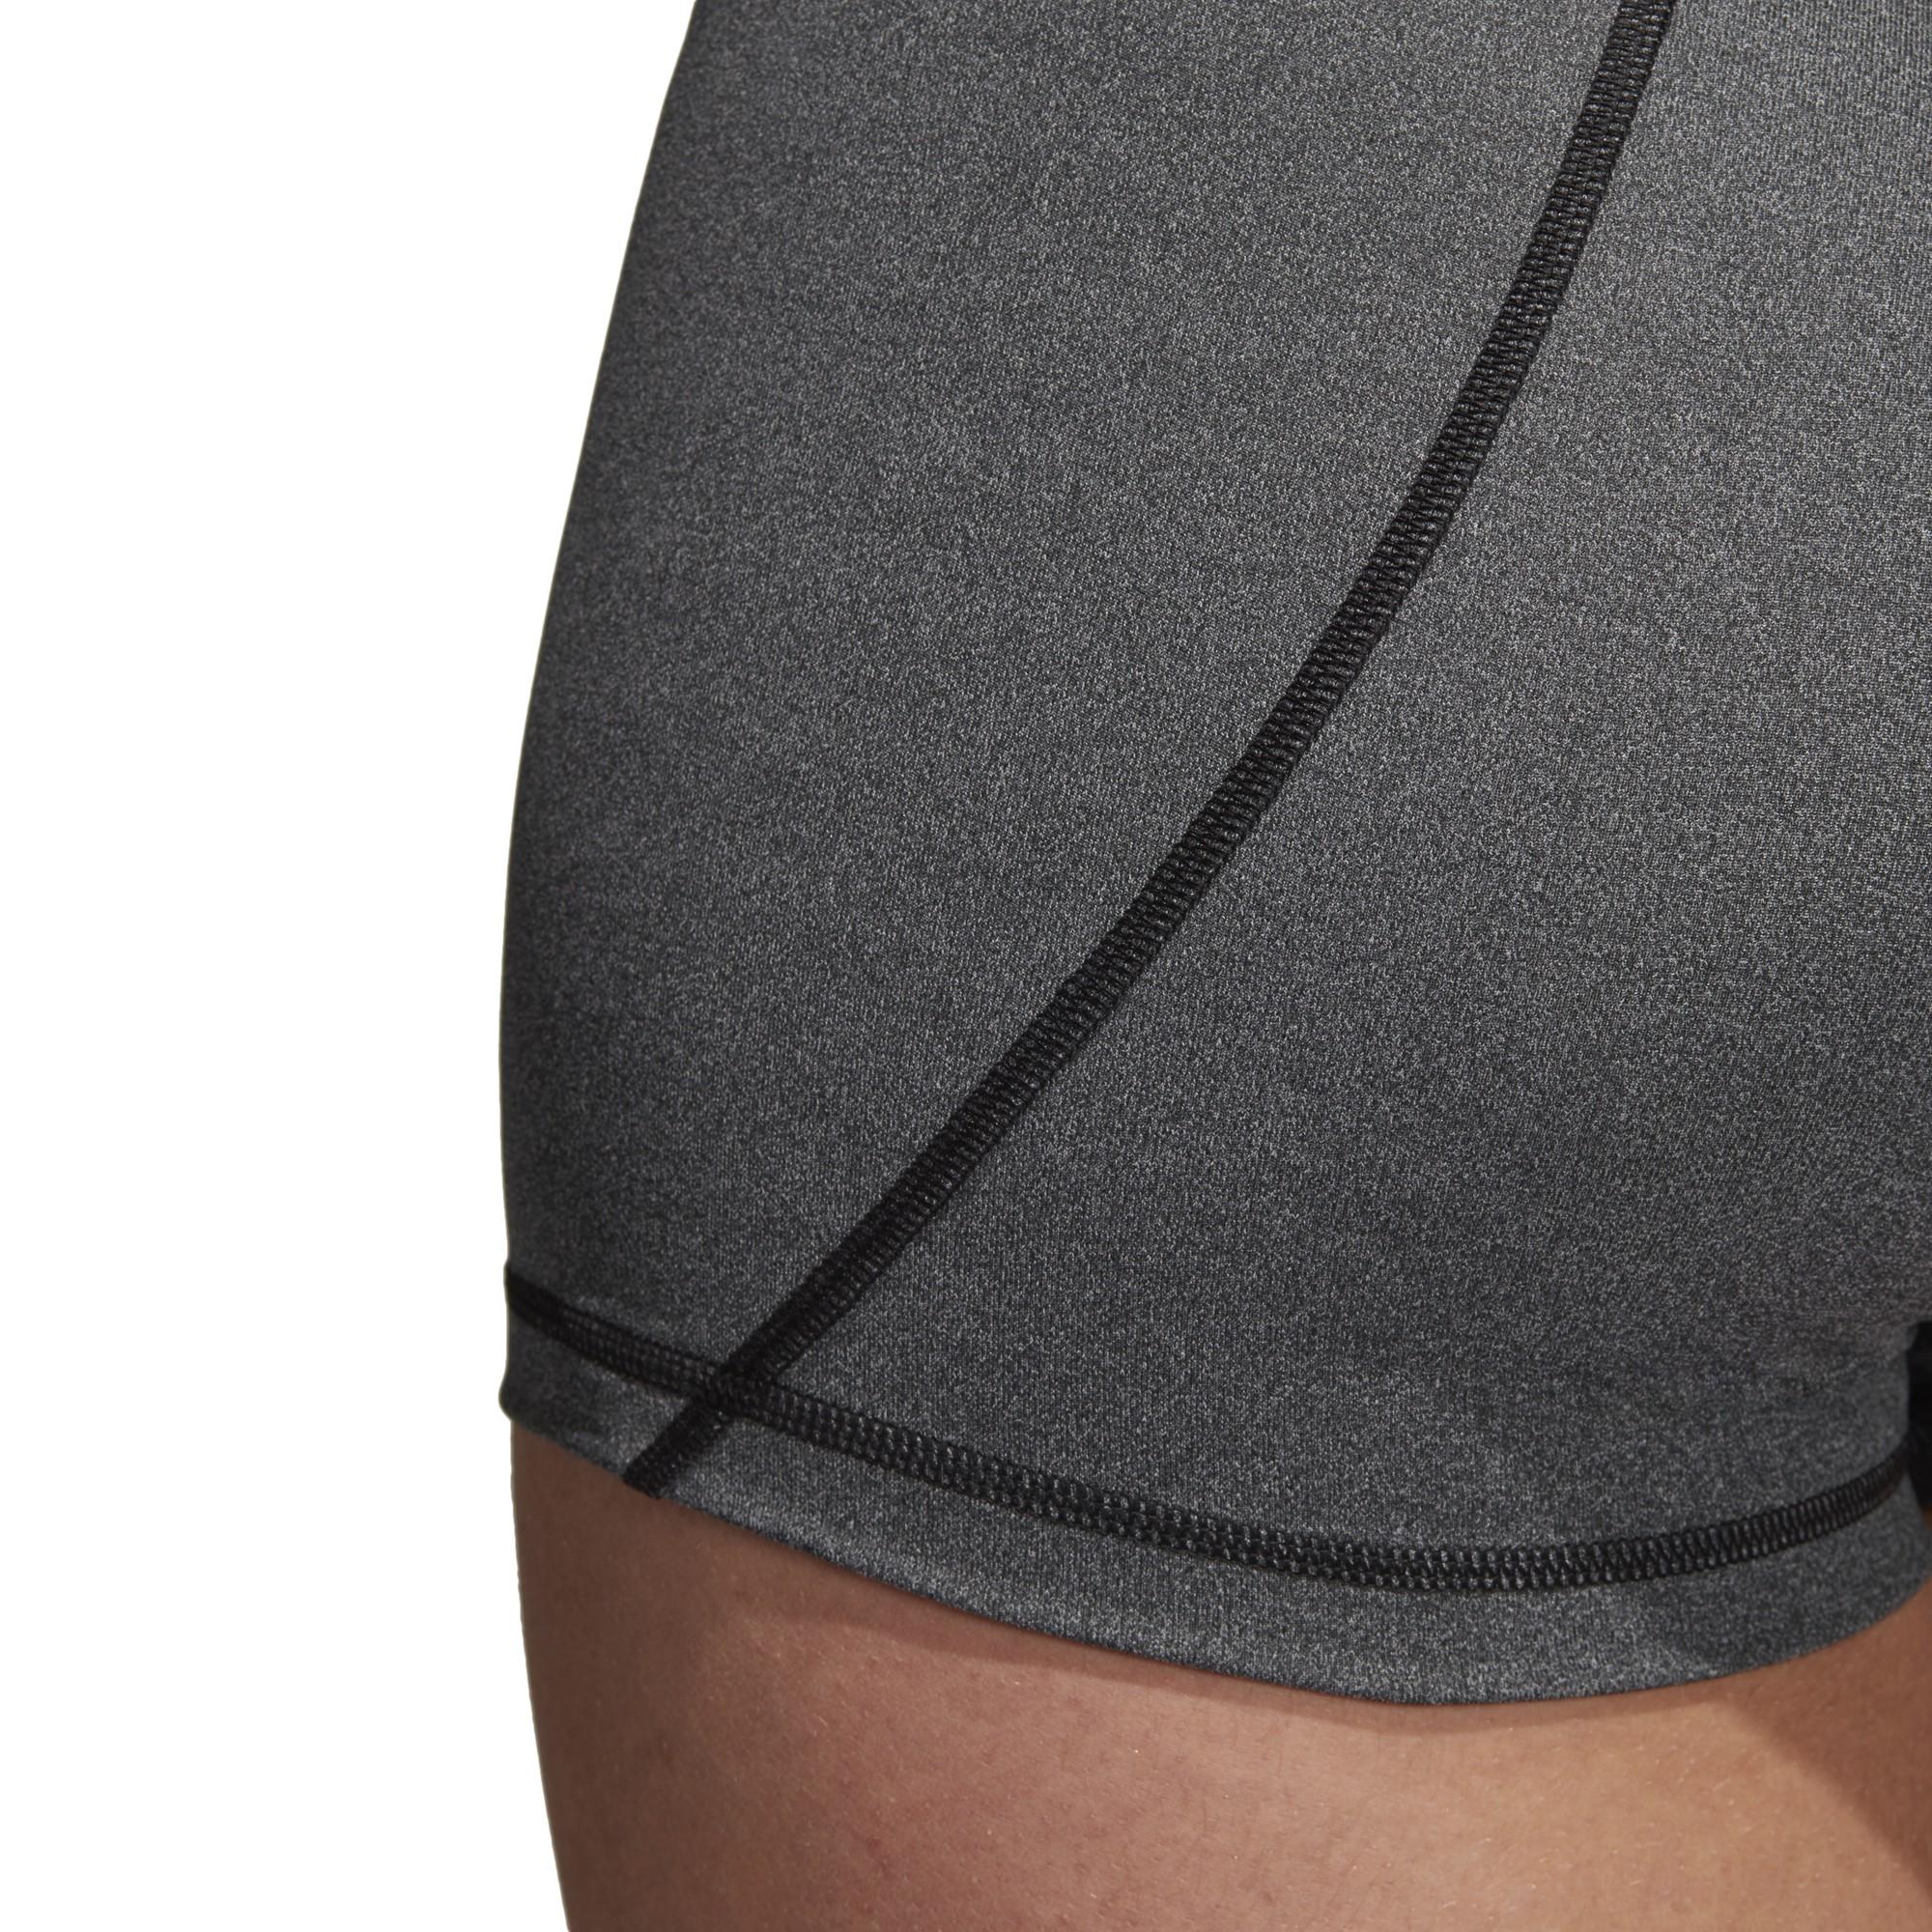 c5f29a31d0102 Mallas Cortas Adidas Alphaskin Sport Heather Mujer - Deportes Moya